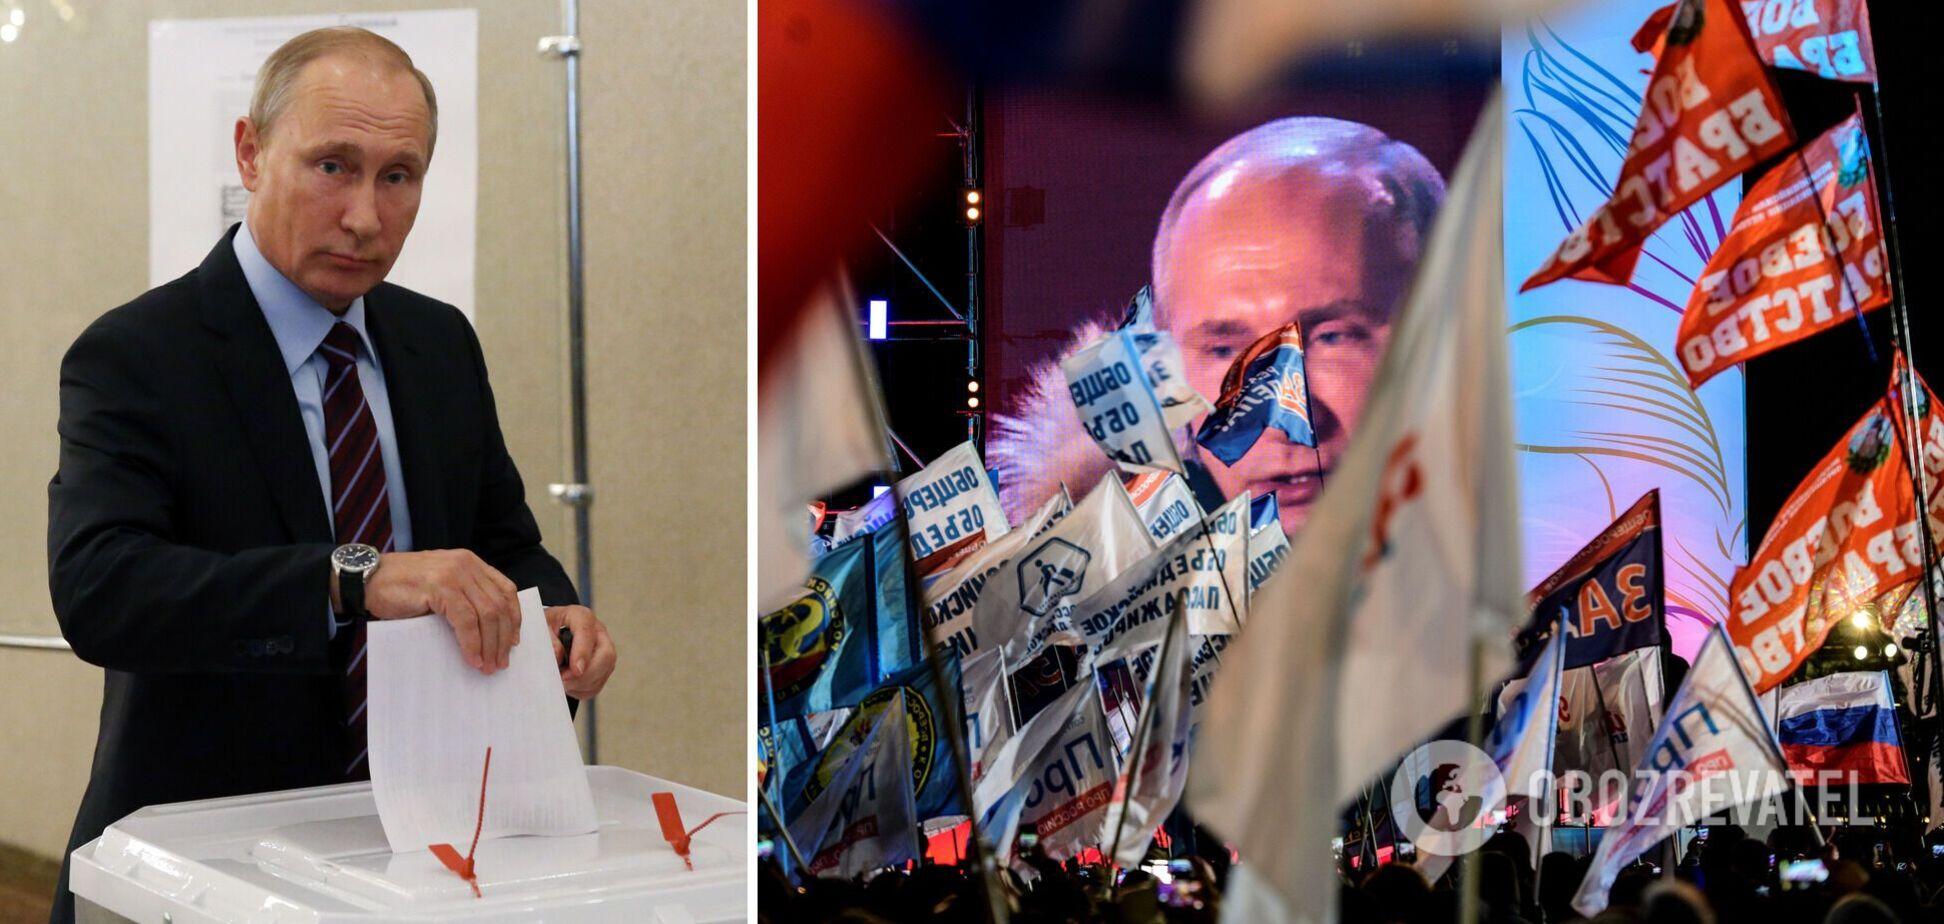 Путін може використати жителів Донбасу на виборах у Росії, попередив Жданов